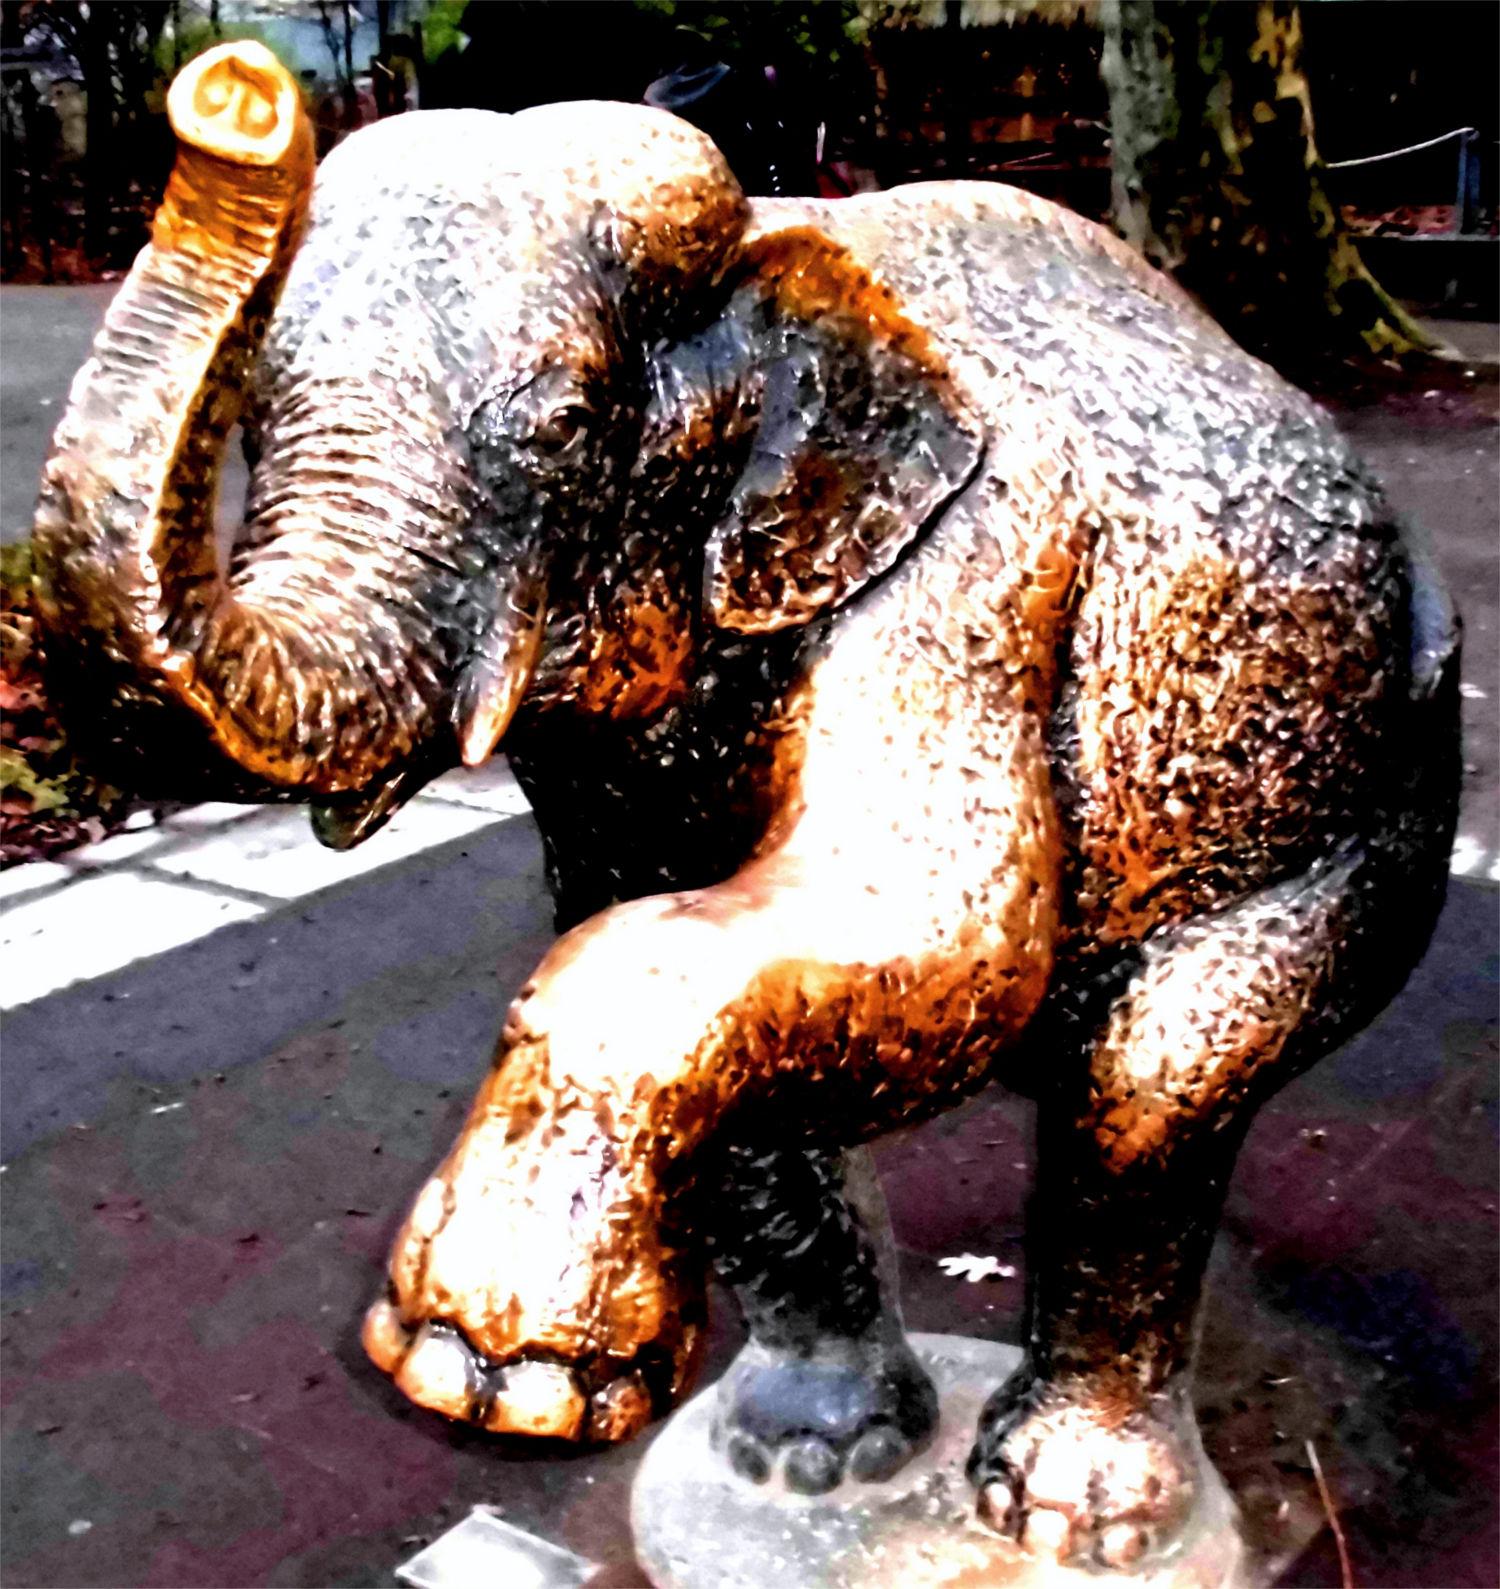 Elefant Bronzefigur, Zoo Leipzig, Sachsen ©noten-apitz.de; Bildquelle: Bildquelle: Musikverlag Apitz